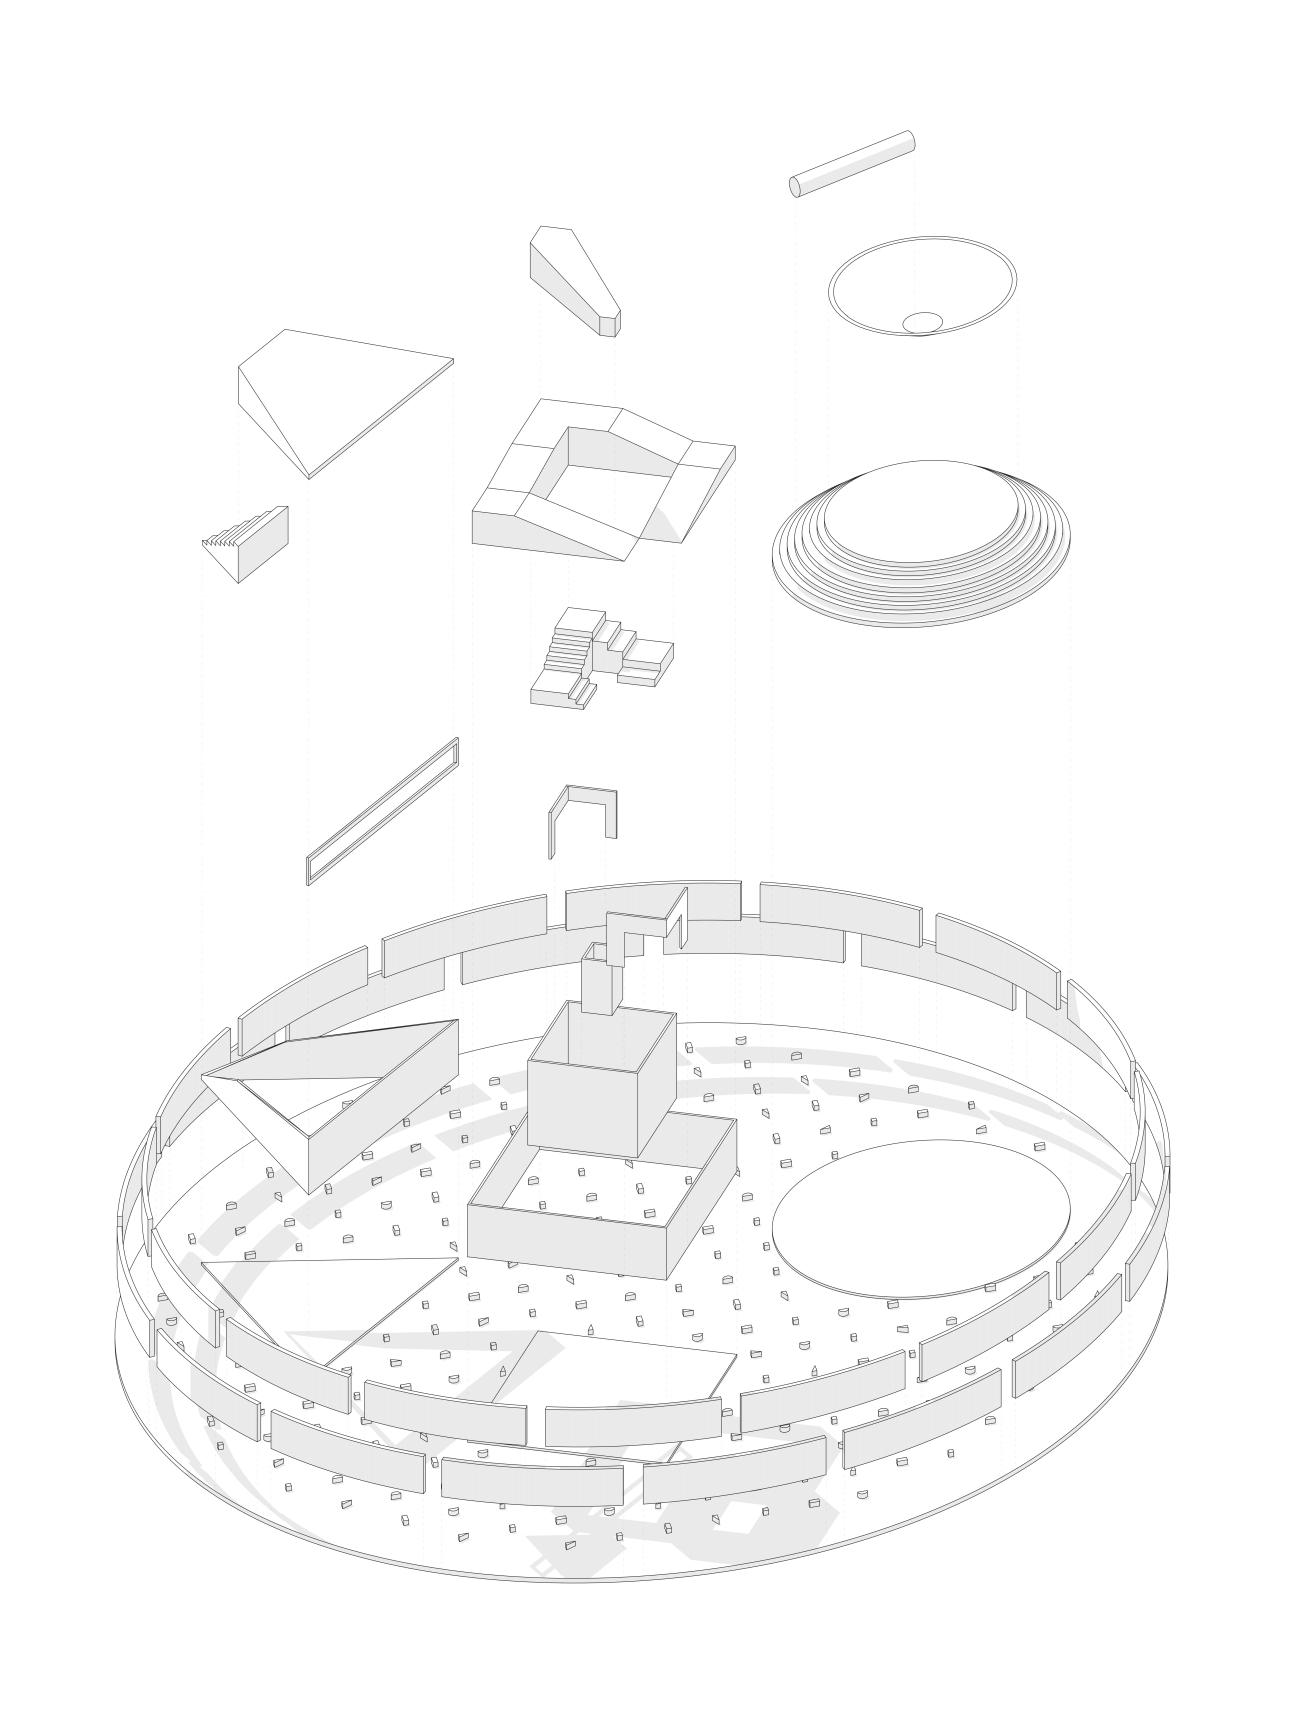 Playground Axonometry